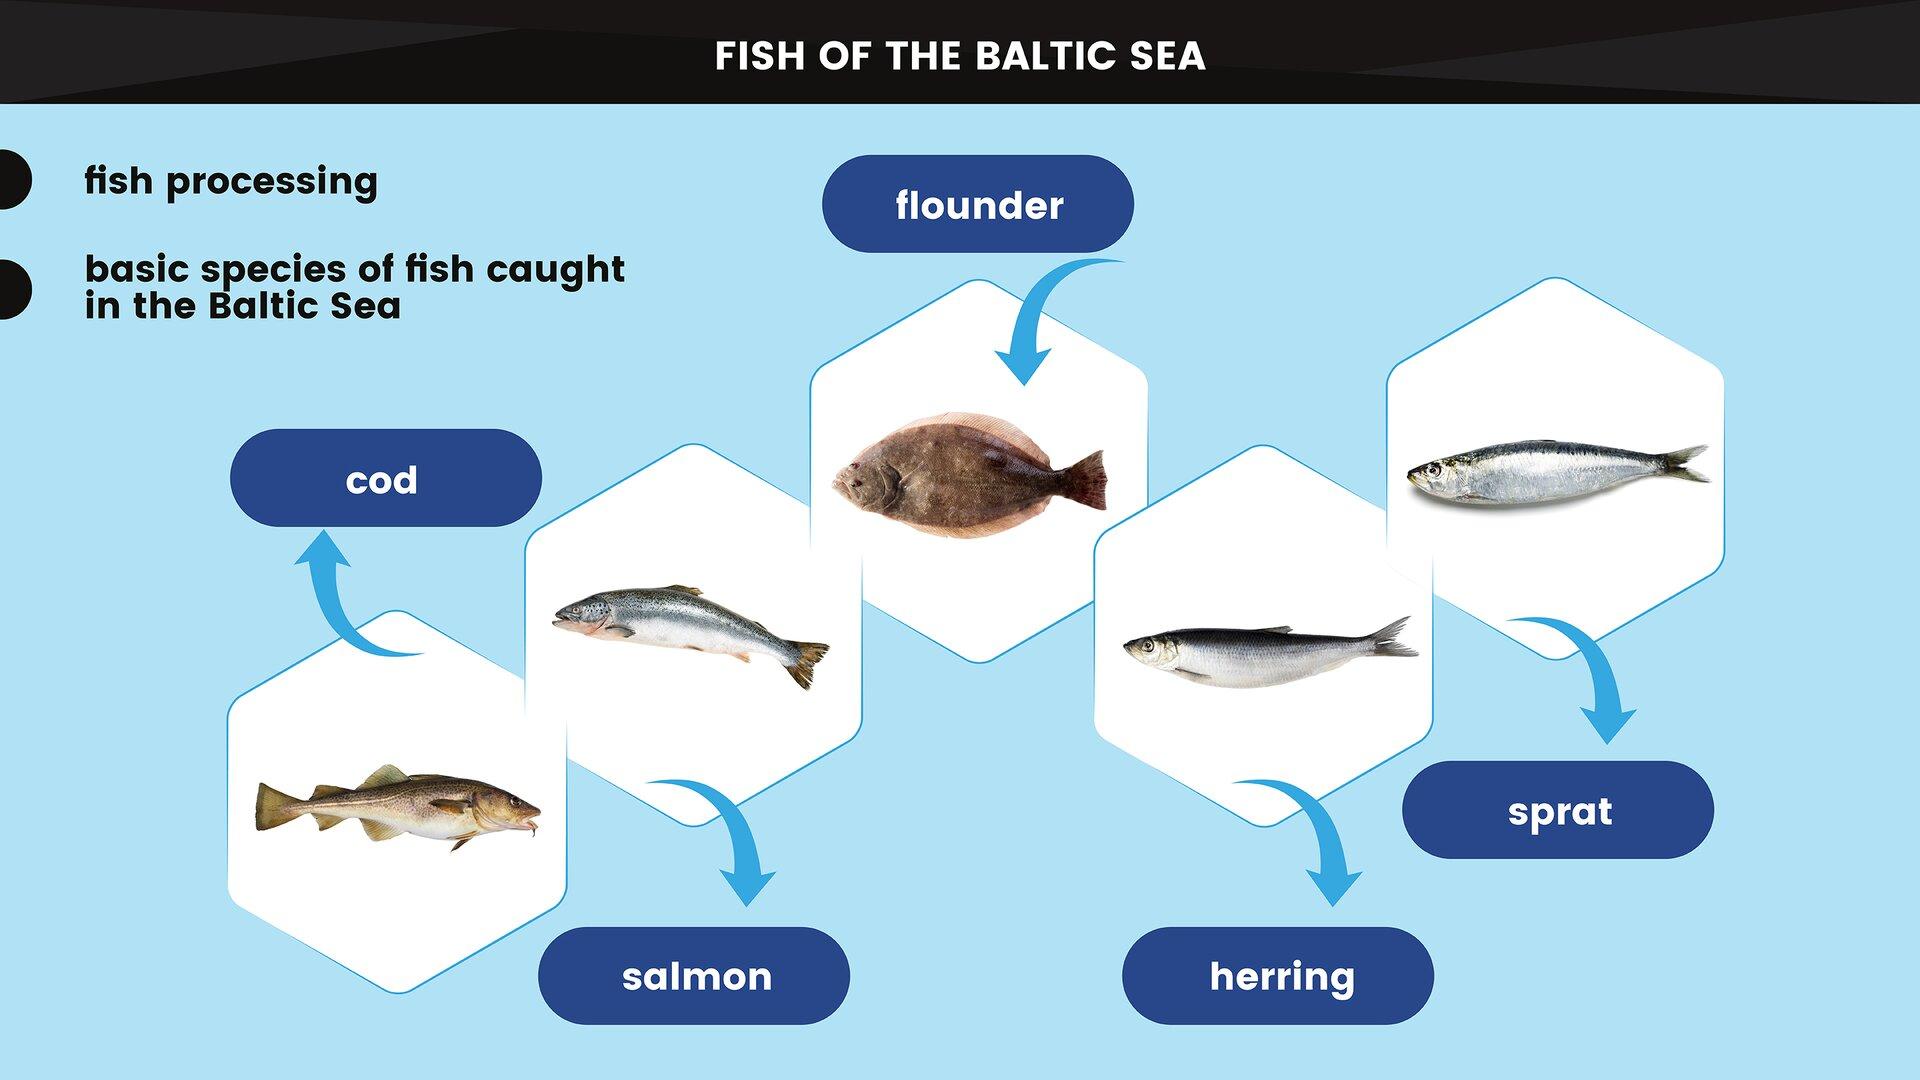 The image presents the basic species of fish caught in the Baltic Sea used in fish processing. Grafika przedstawia podstawowe gatunki ryb poławianych na Morzu Bałtyckim wykorzystywane wprzetwórstwie rybnym.